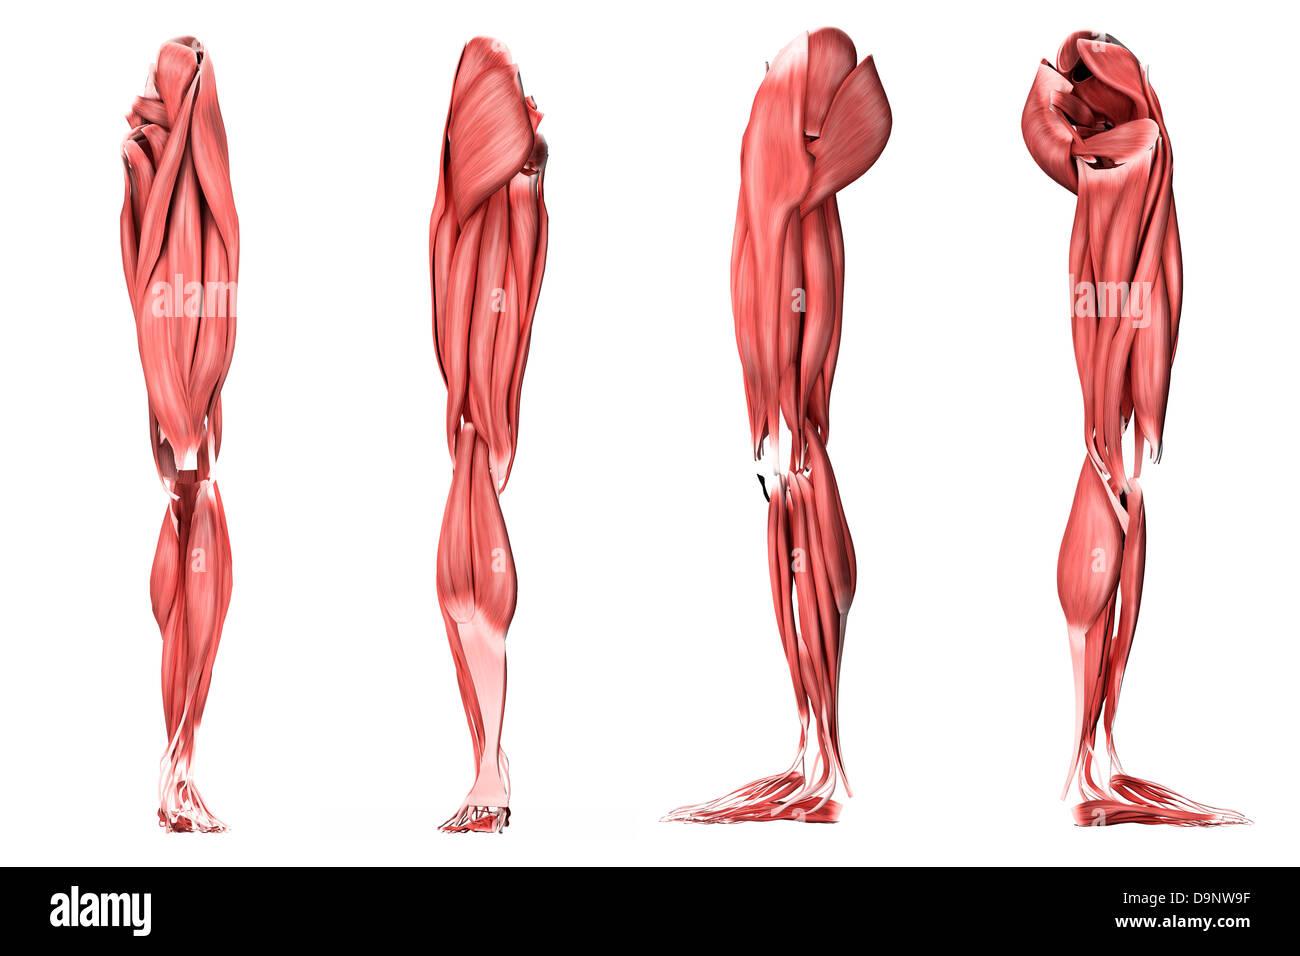 Medizinische Illustration der menschlichen Beinmuskulatur, vier ...